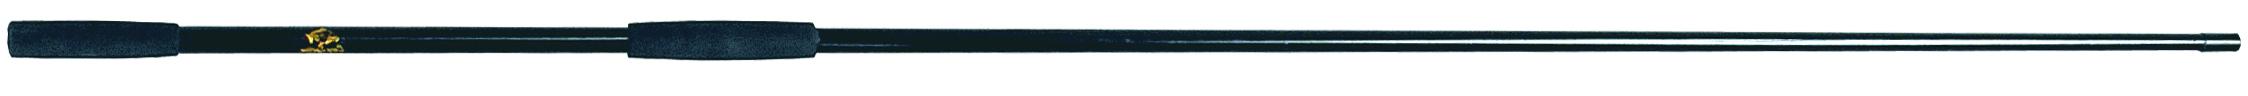 Podběráková tyč 1,8 m C.S. délka tyče: 1,8 m - 1 díl